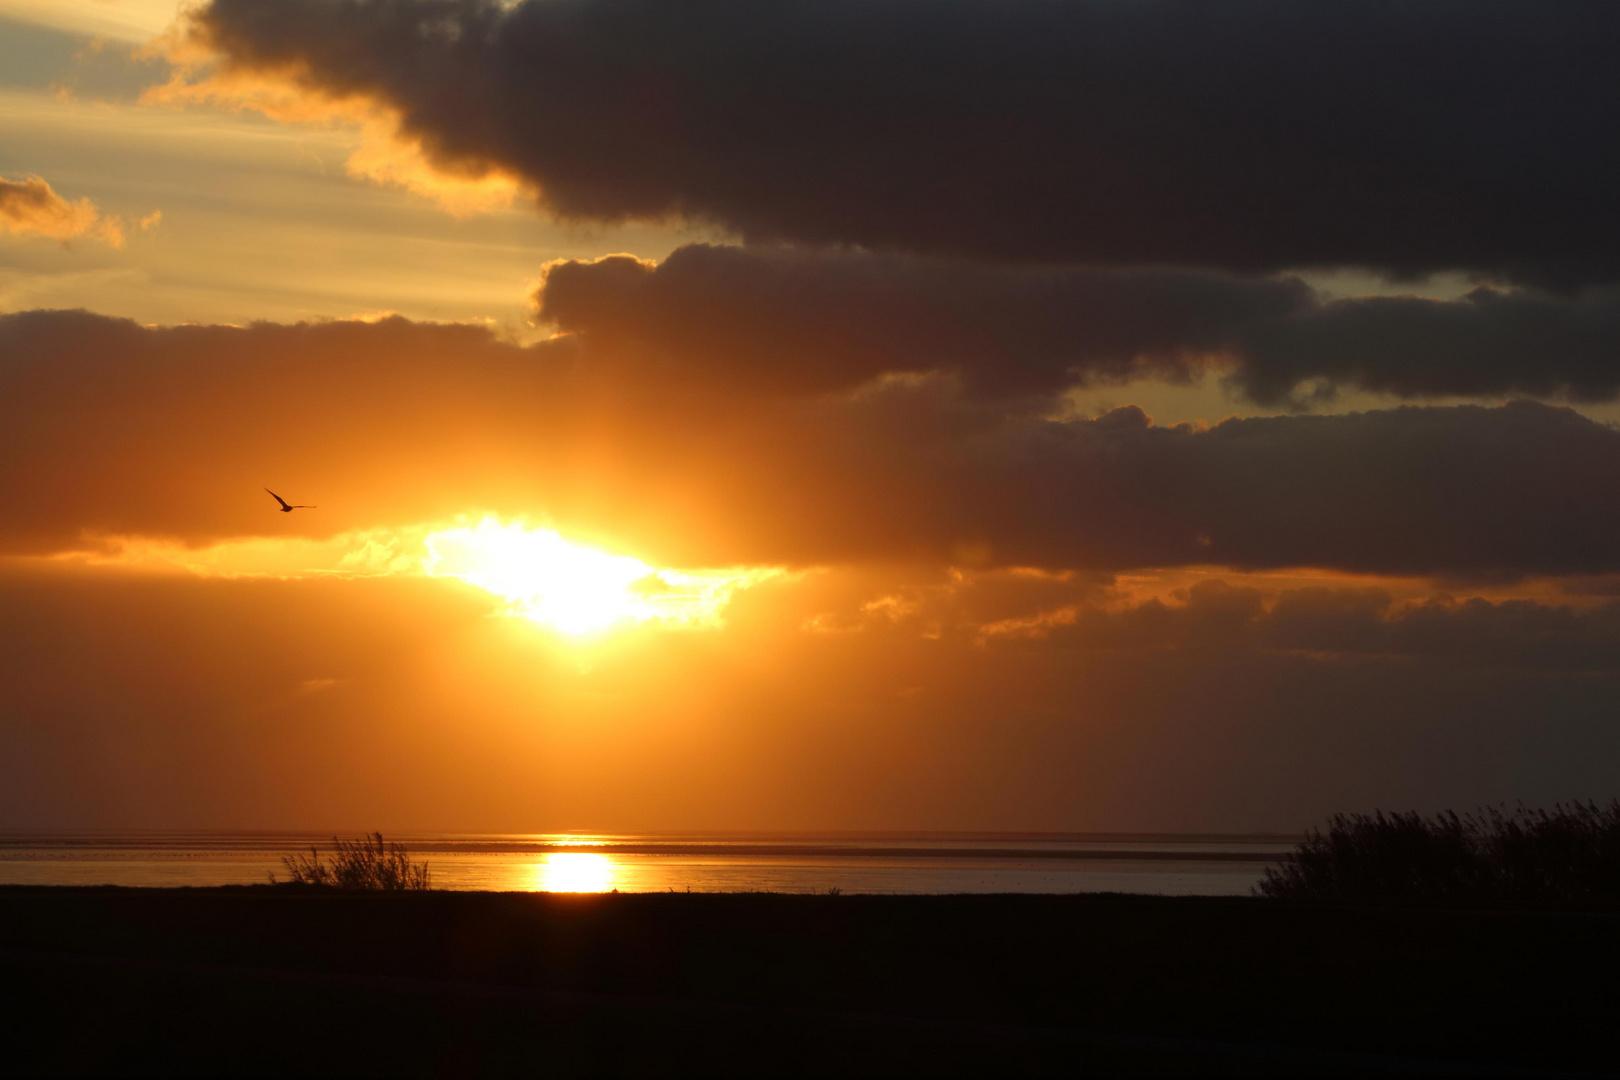 Sonnenuntergang am Wattenmeer!